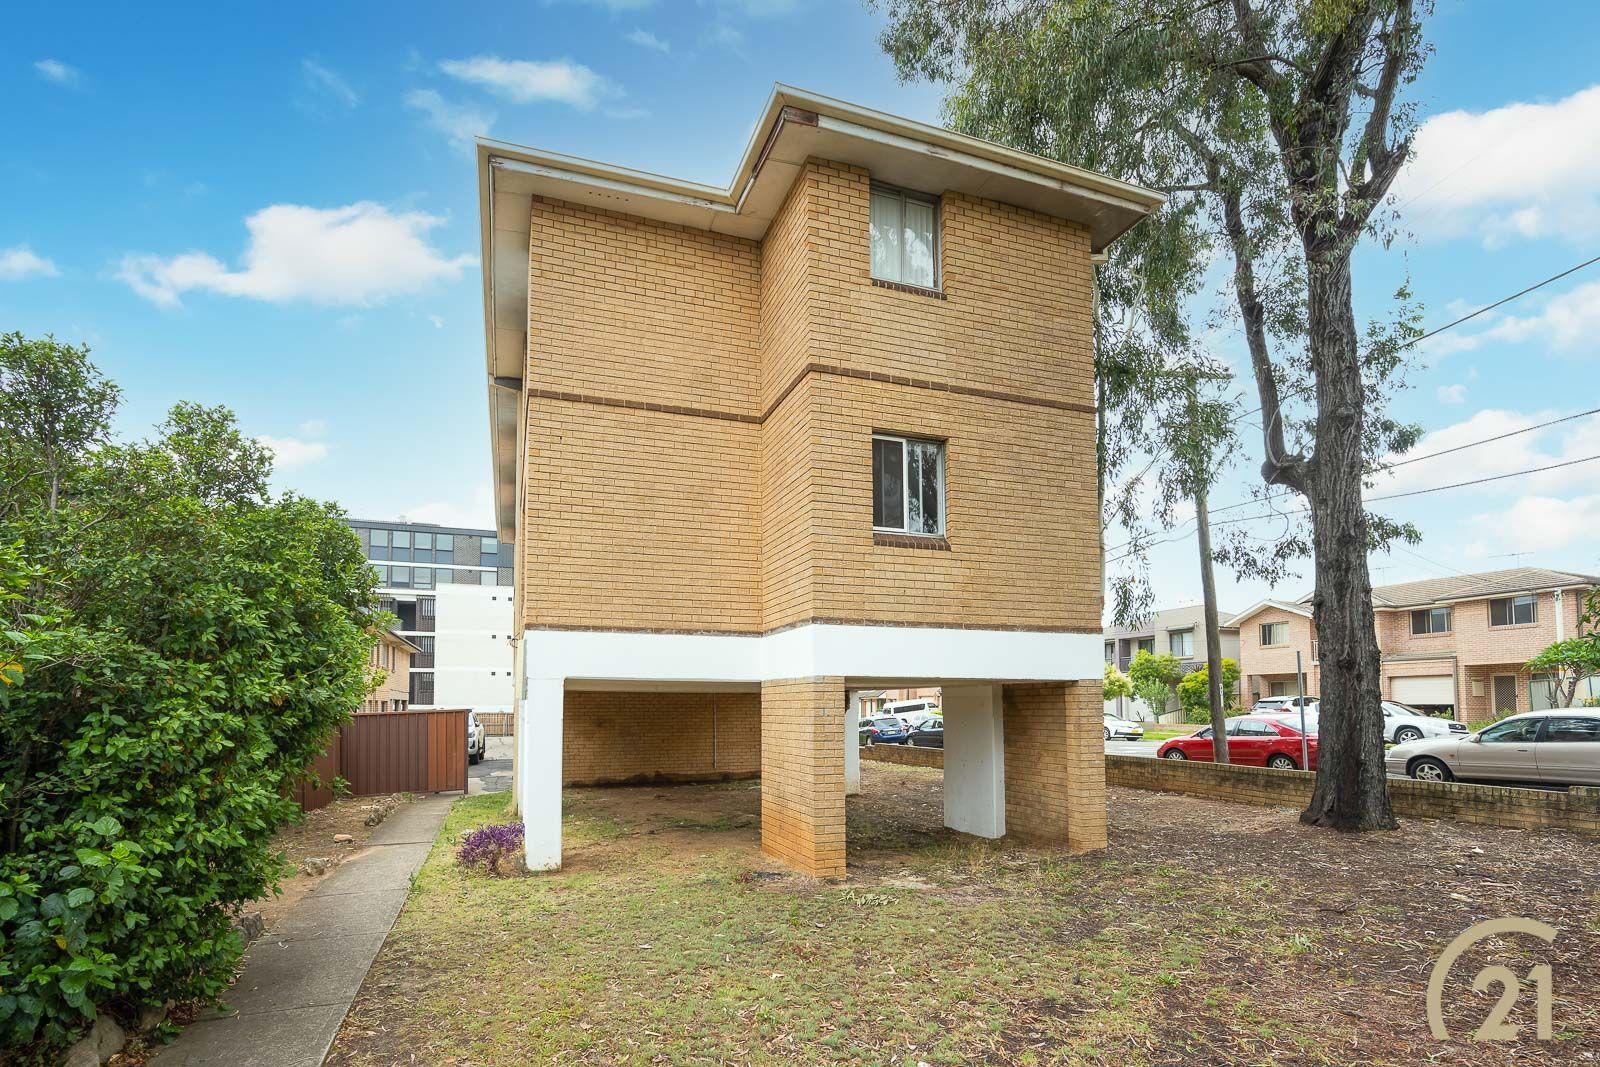 7/84 Sackville Street, Fairfield NSW 2165, Image 0